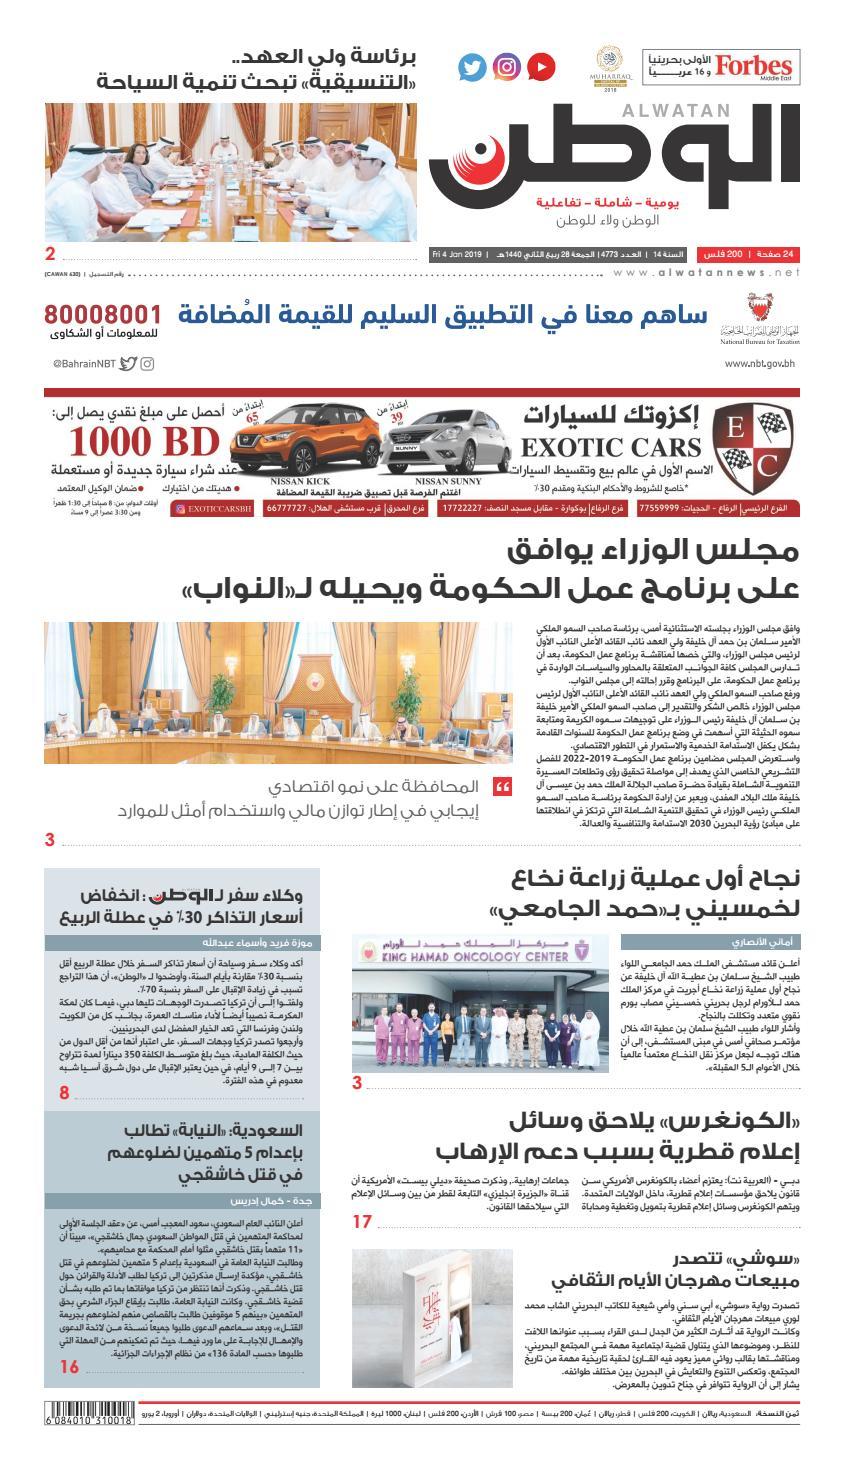 dcb99d15fad64 Alwatan 04 JAN 2019 by Alwatan BH - issuu